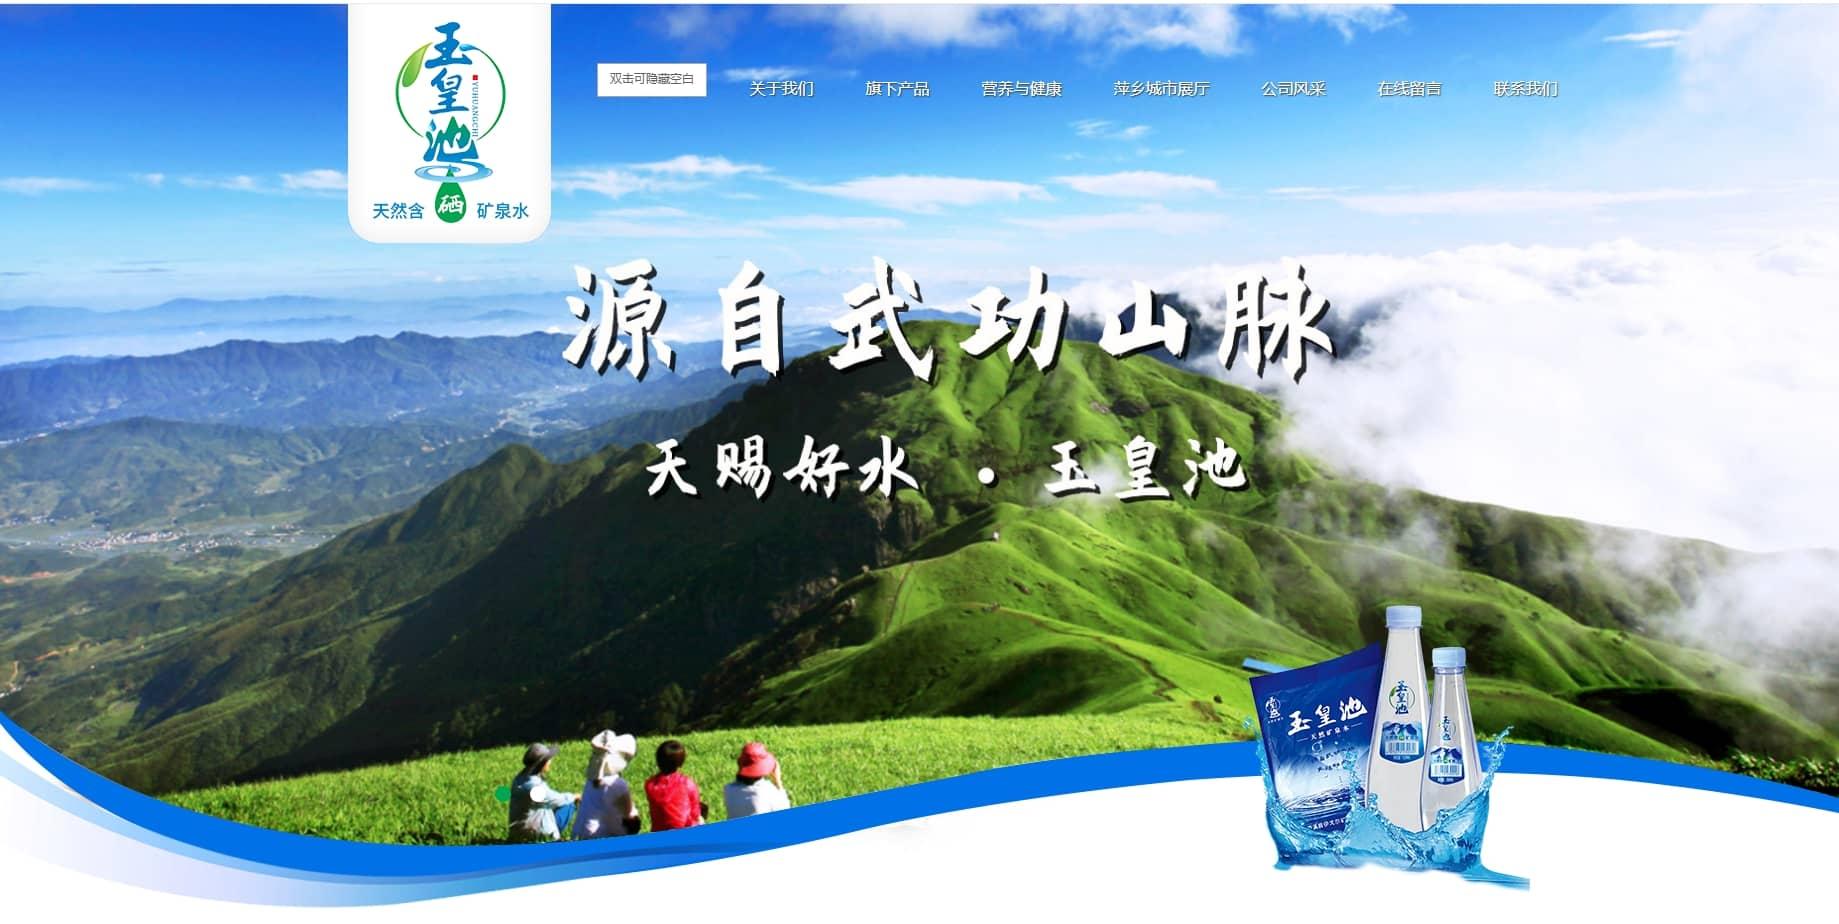 芦溪县伊戈尔矿泉水有限公司